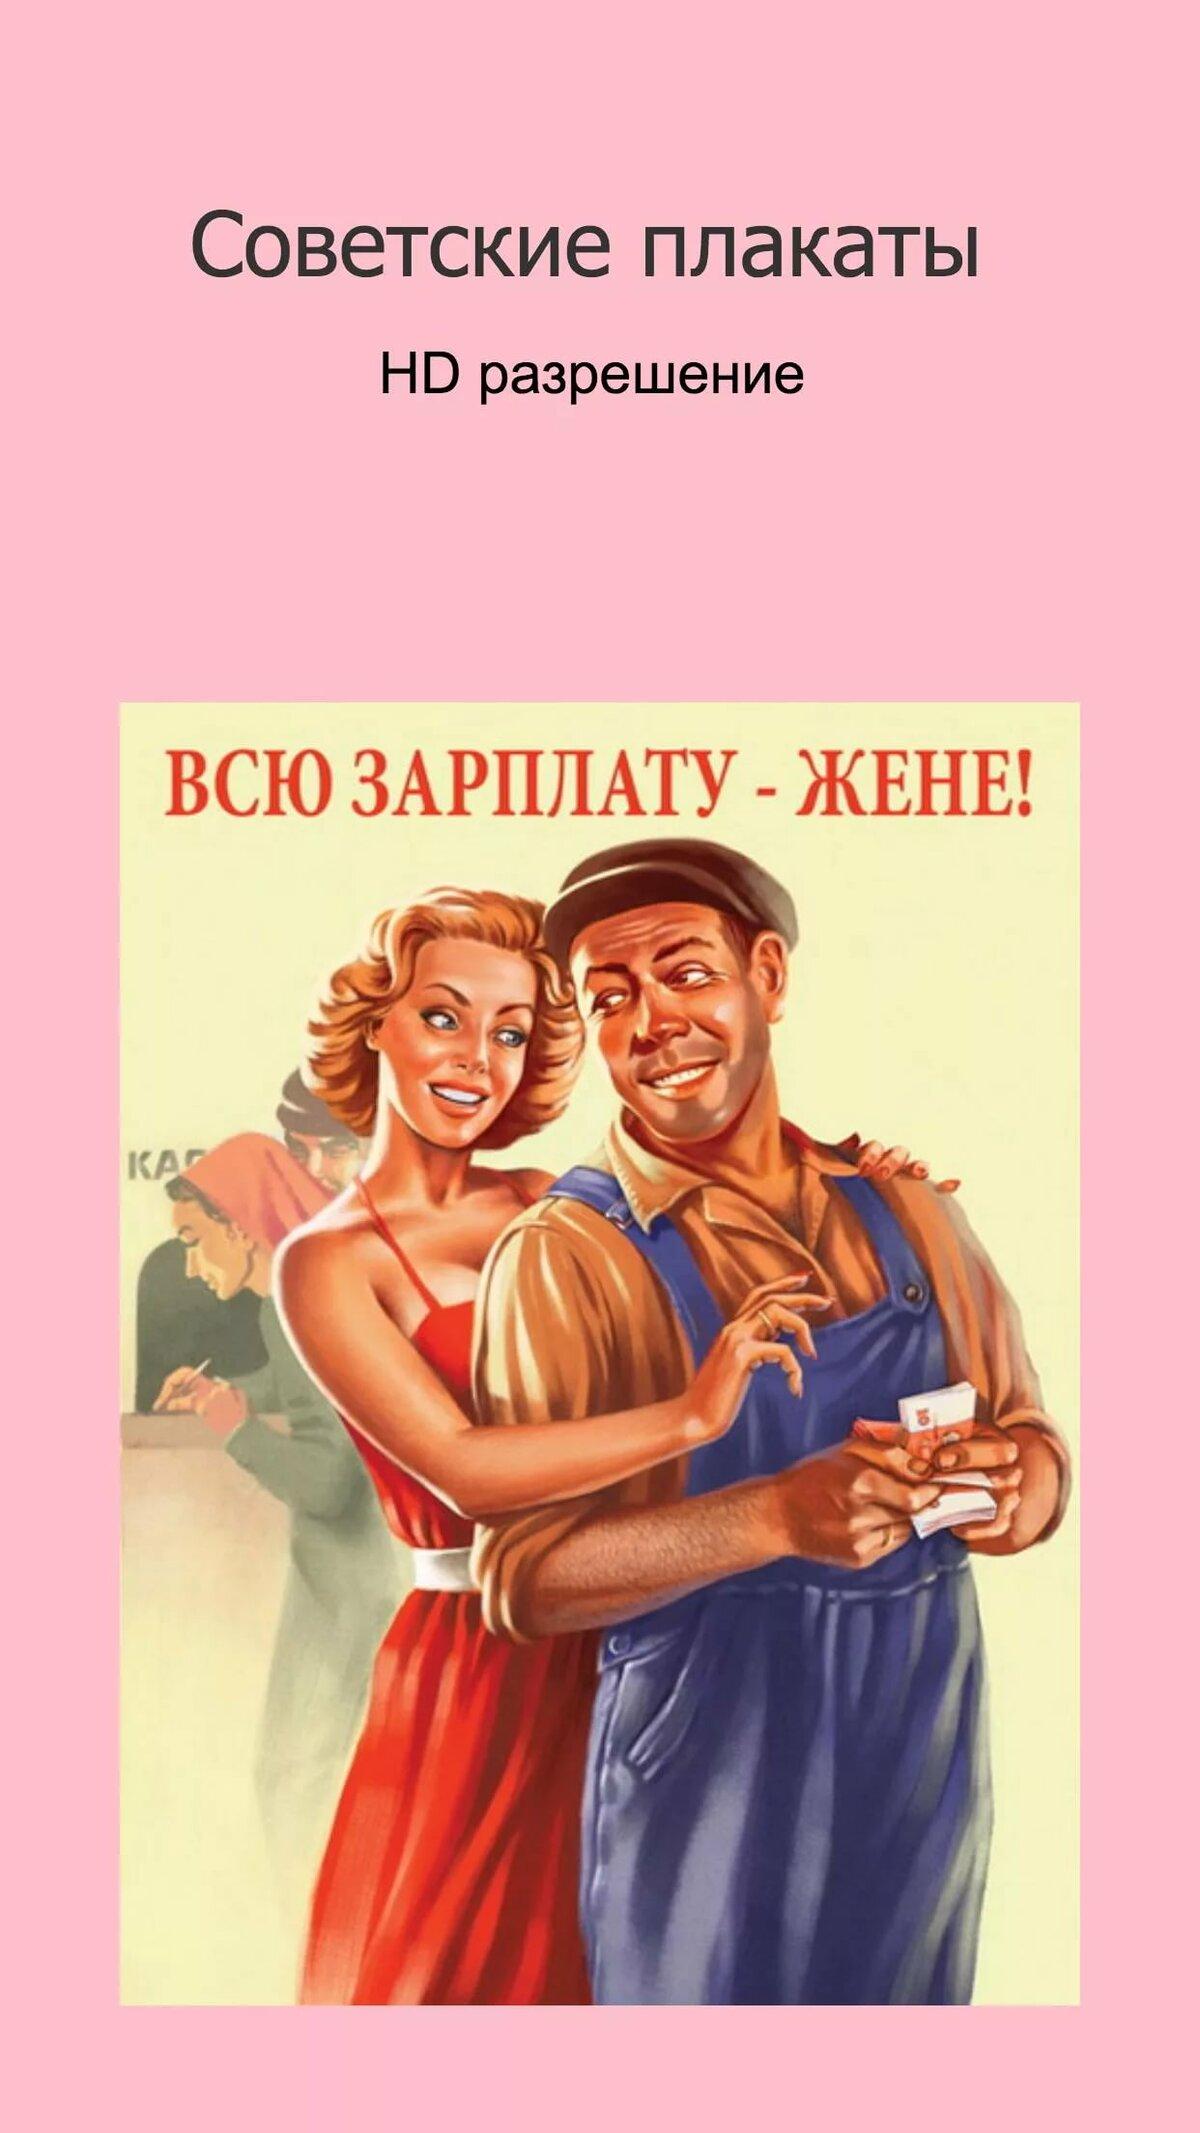 районах, оплата постер про цвет одежде